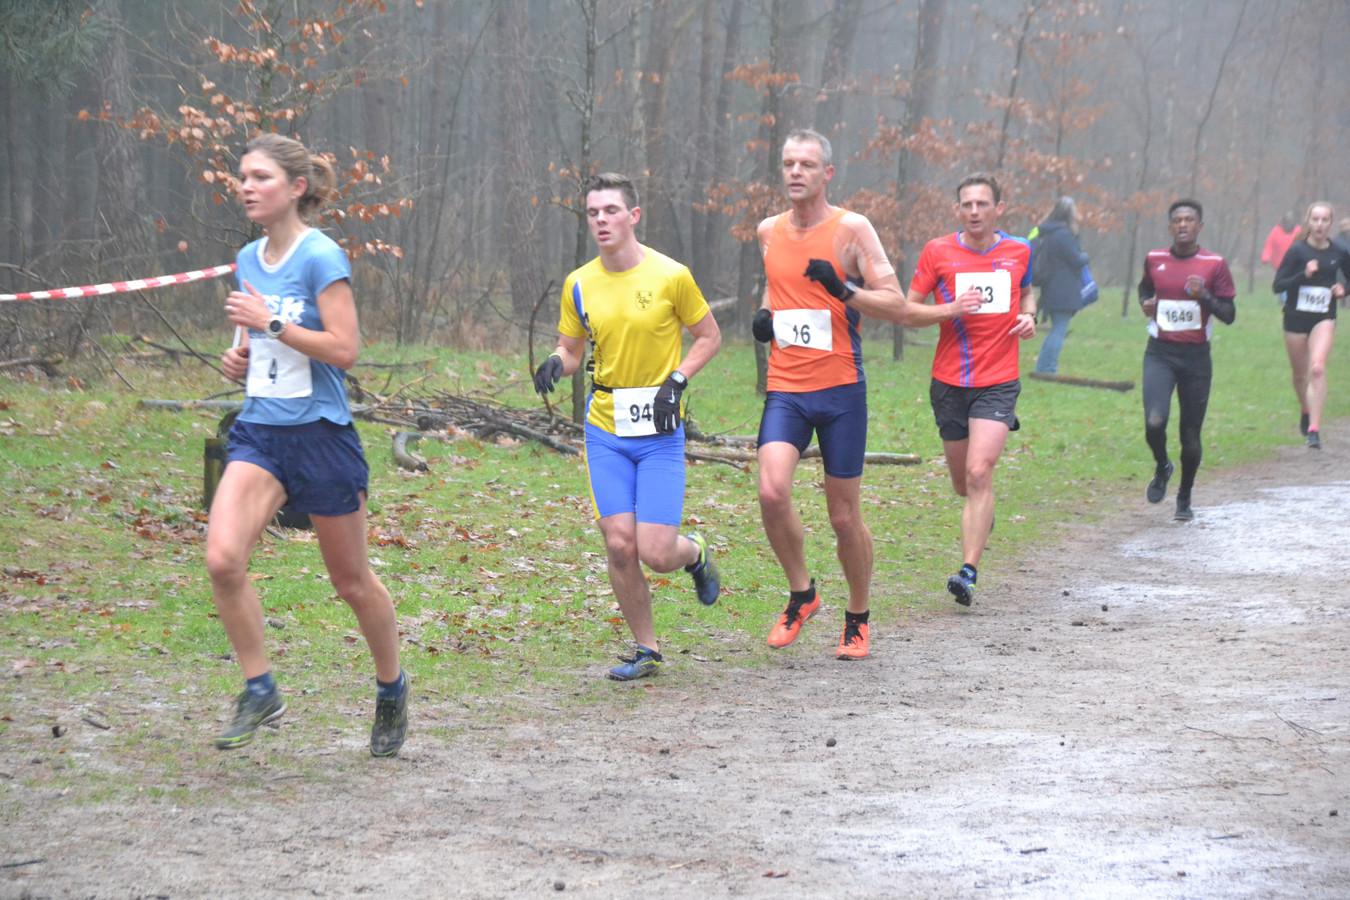 Latere winnares Laurey van den Berge voorop.